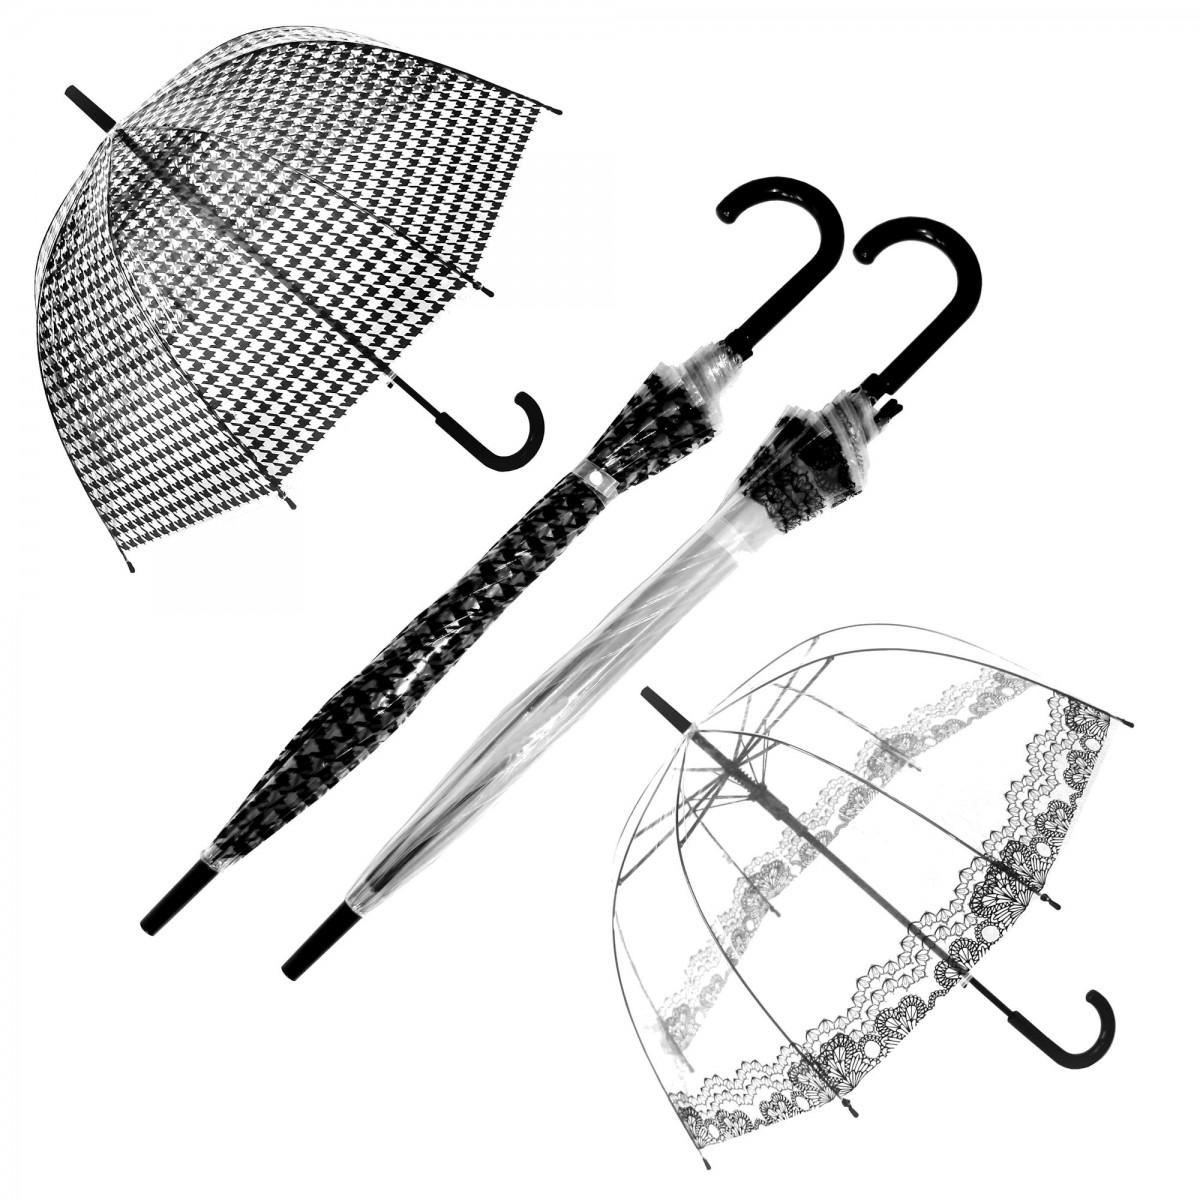 Regenschirm Transparent Durchsichtig Glockenschirm Muster